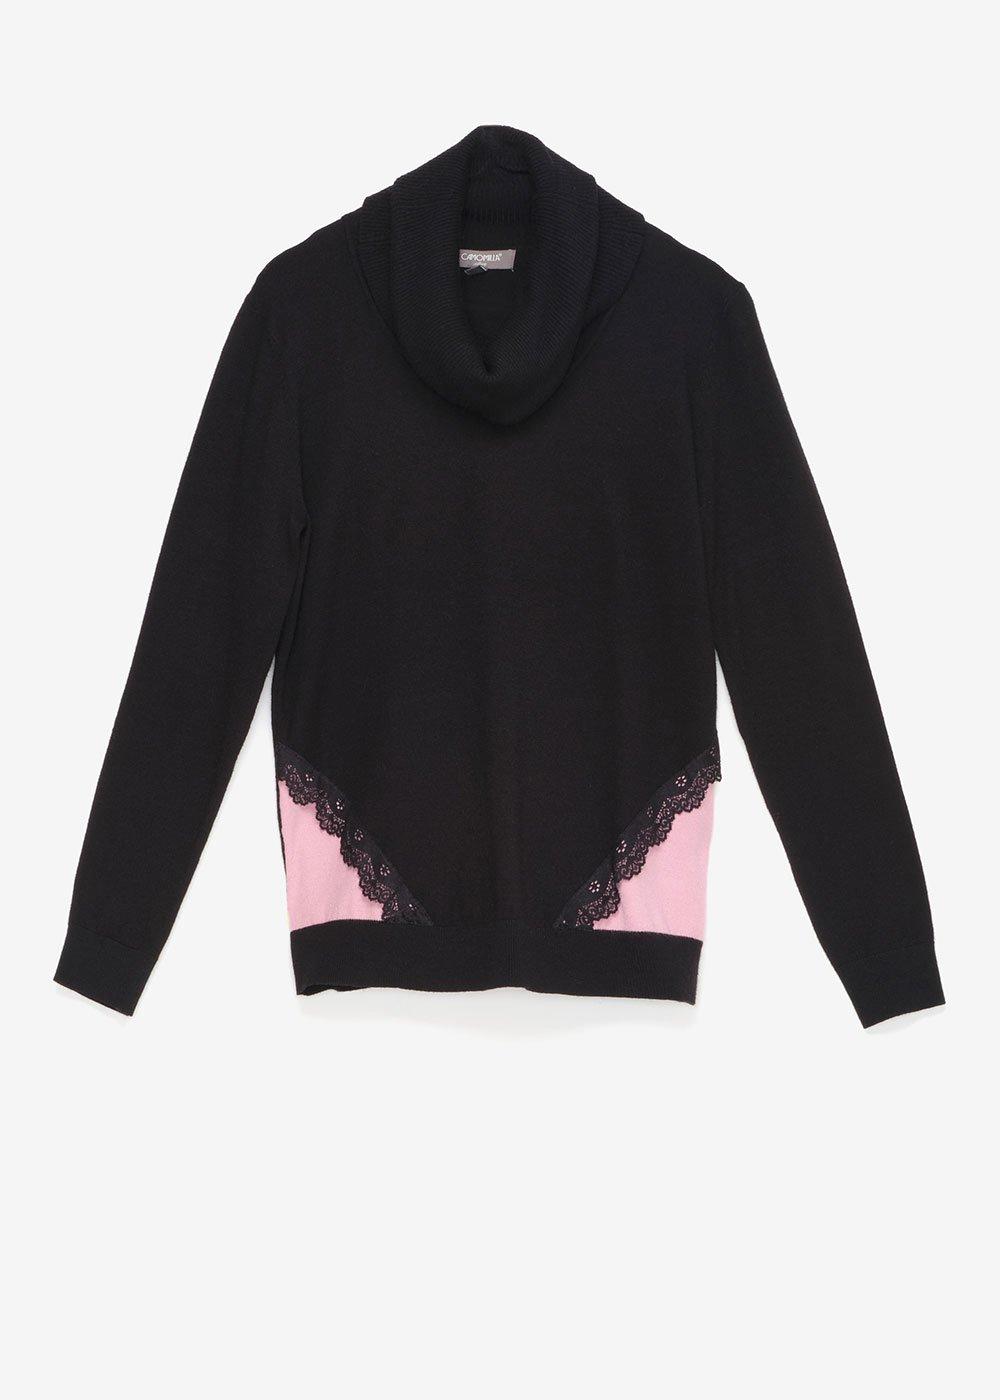 Maglia Macy bi color - Black / Cipria - Donna